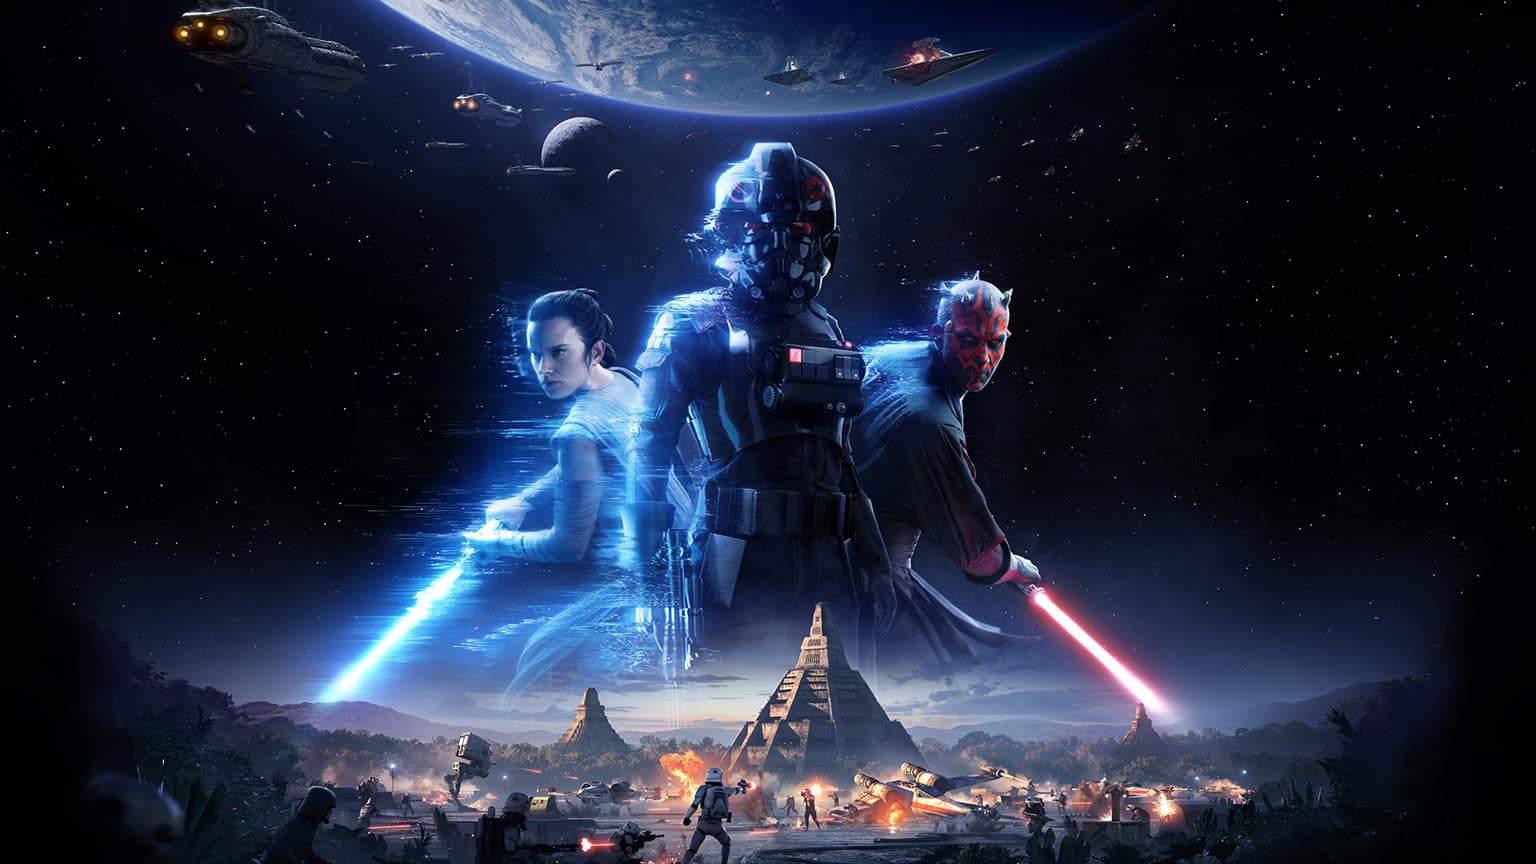 EA's Star Wars Battlefront 2